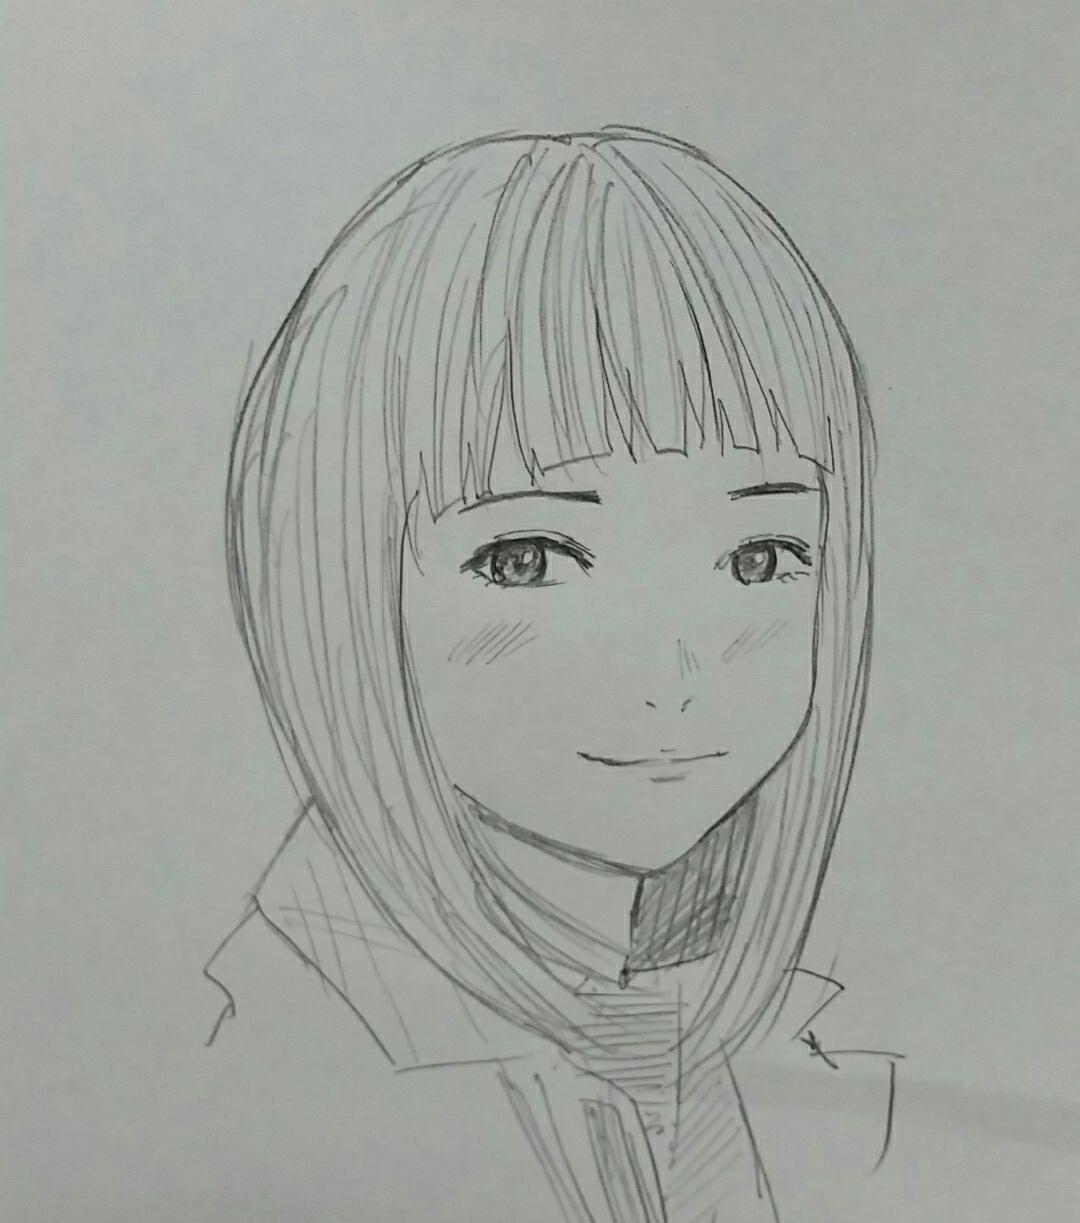 シャーペンで似顔絵描きます 1つ1つ丁寧に作業することを心掛けます